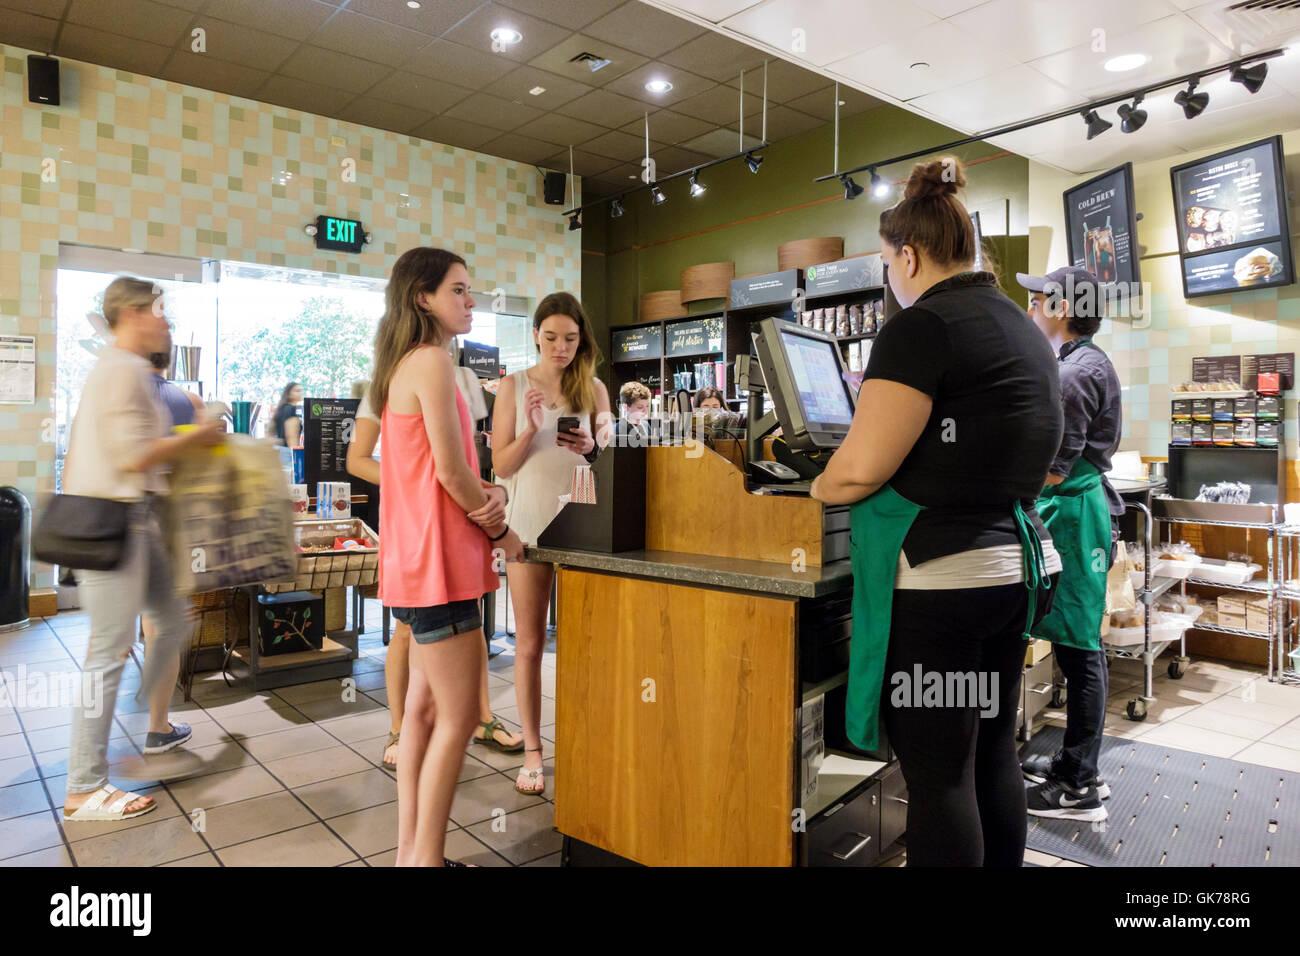 Naples Florida Coastland Center Shopping Mall Shopping Center Stock